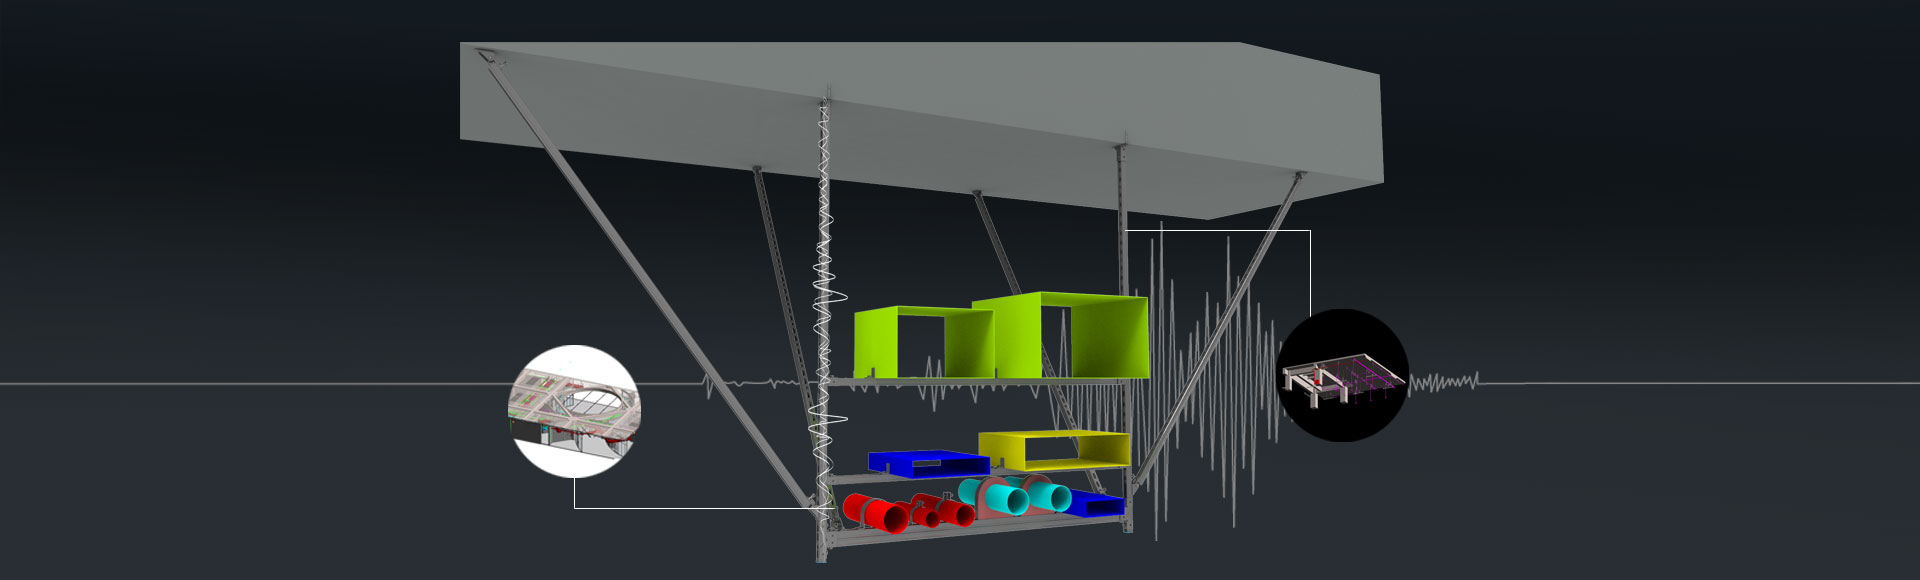 抗震支吊架